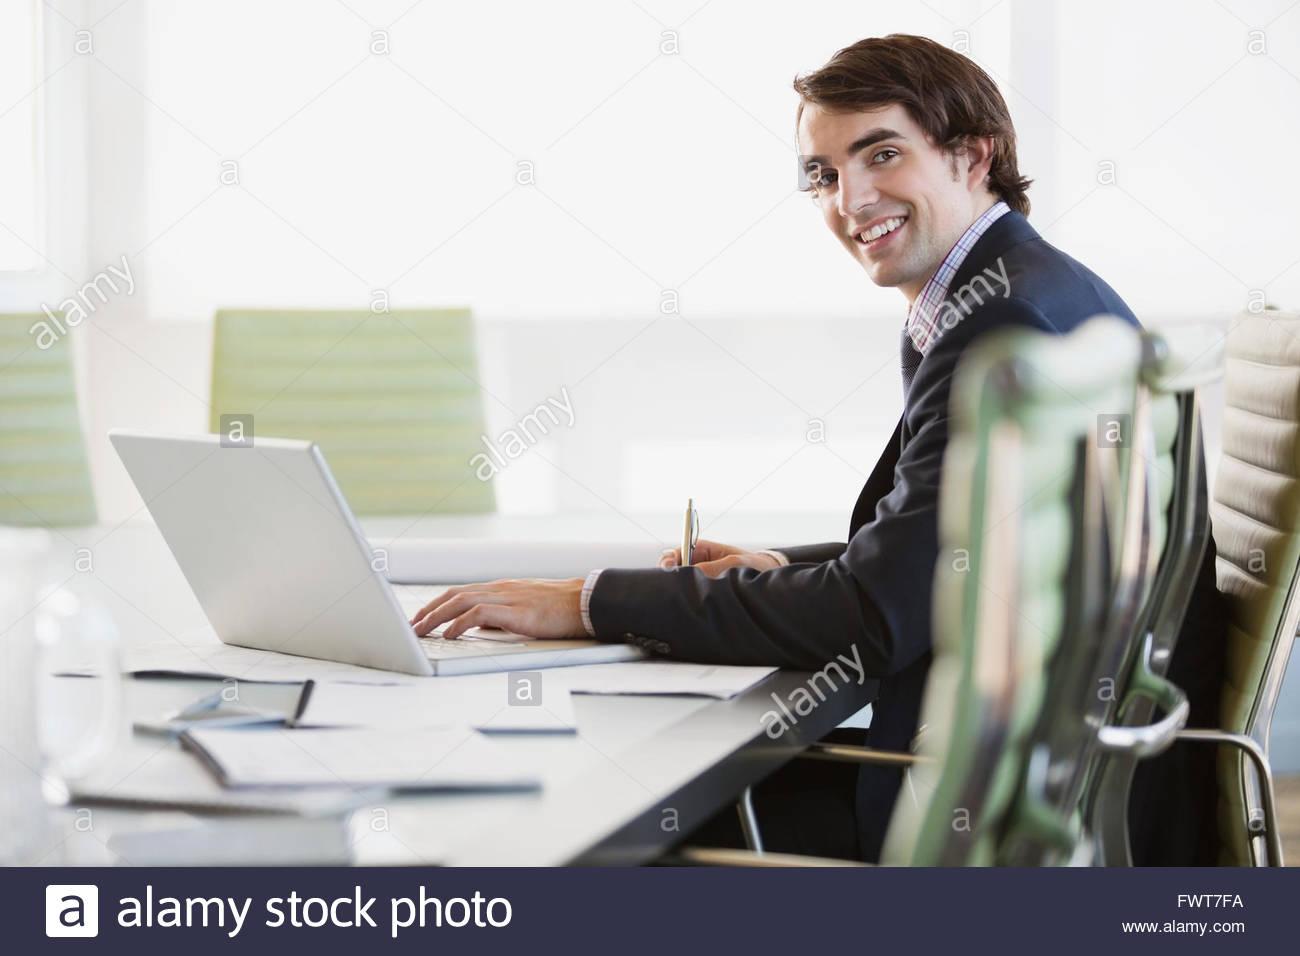 Ritratto di giovane imprenditore seduta con il computer portatile a un tavolo per conferenza Immagini Stock